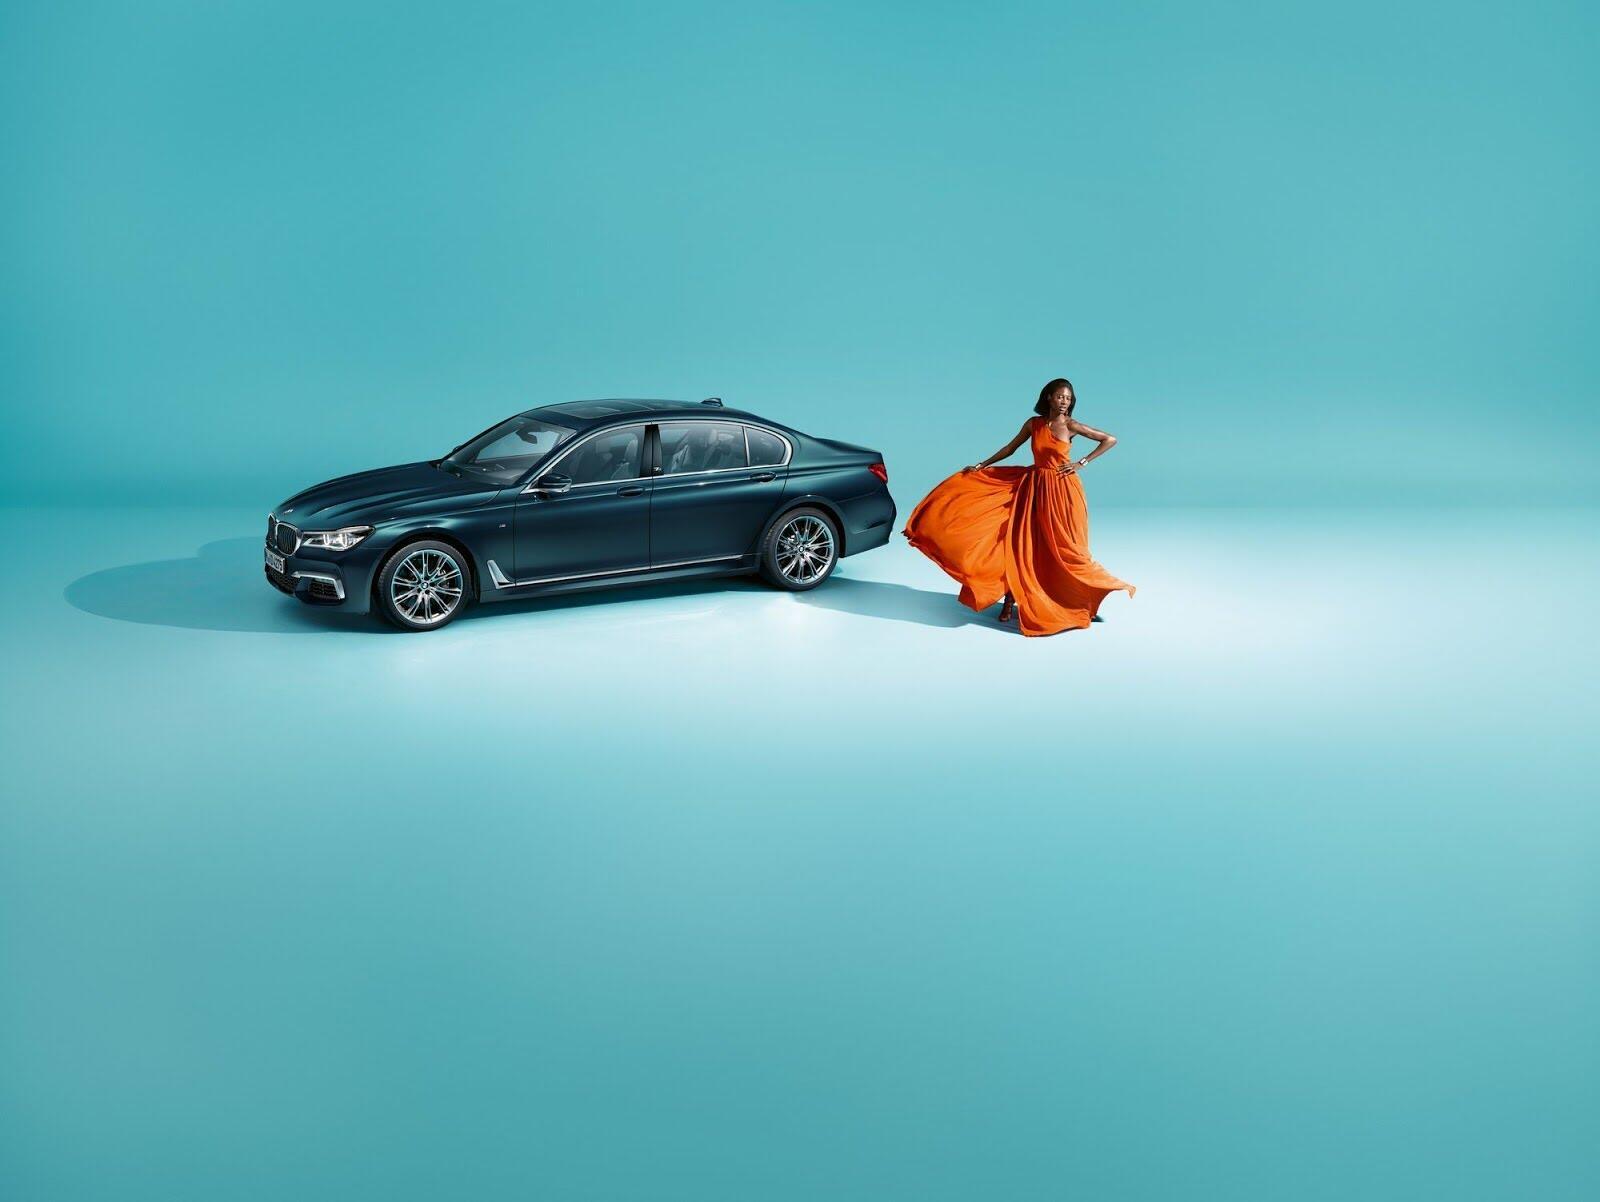 BMW 7-Series ra mắt phiên bản kỷ niệm chỉ 200 chiếc - Hình 4